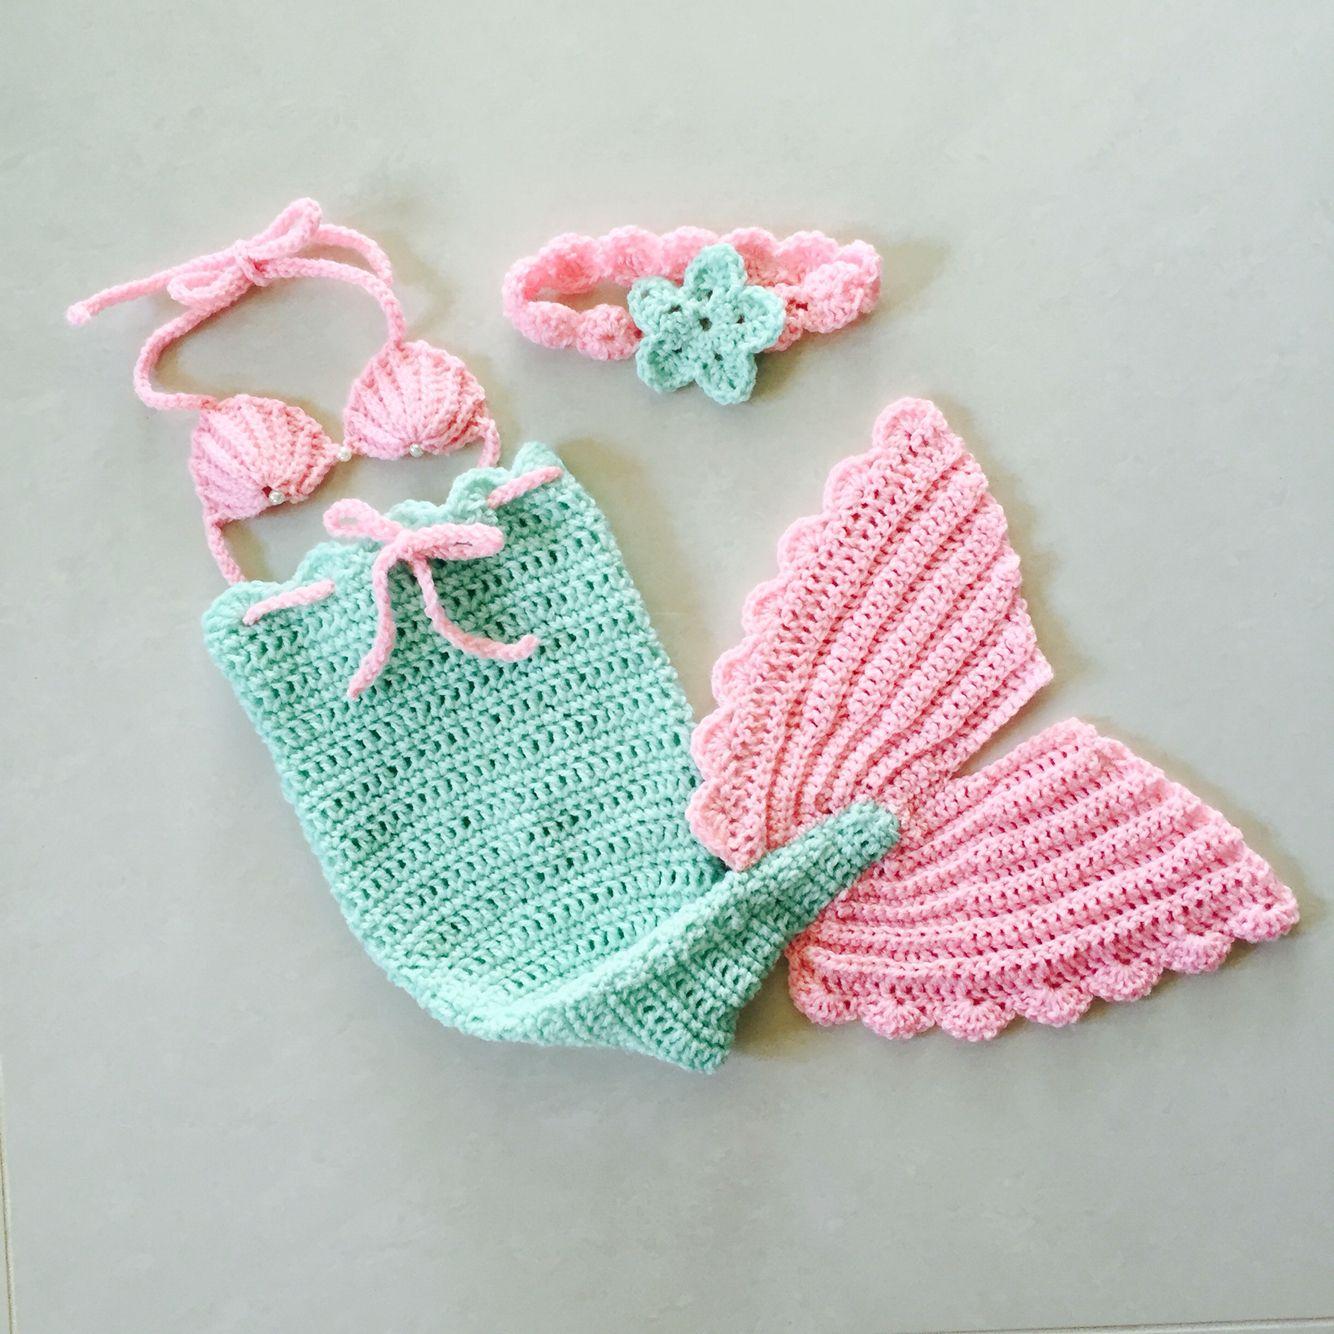 Crochet Newborn Mermaid Costume Crochet And Crafts Newborn